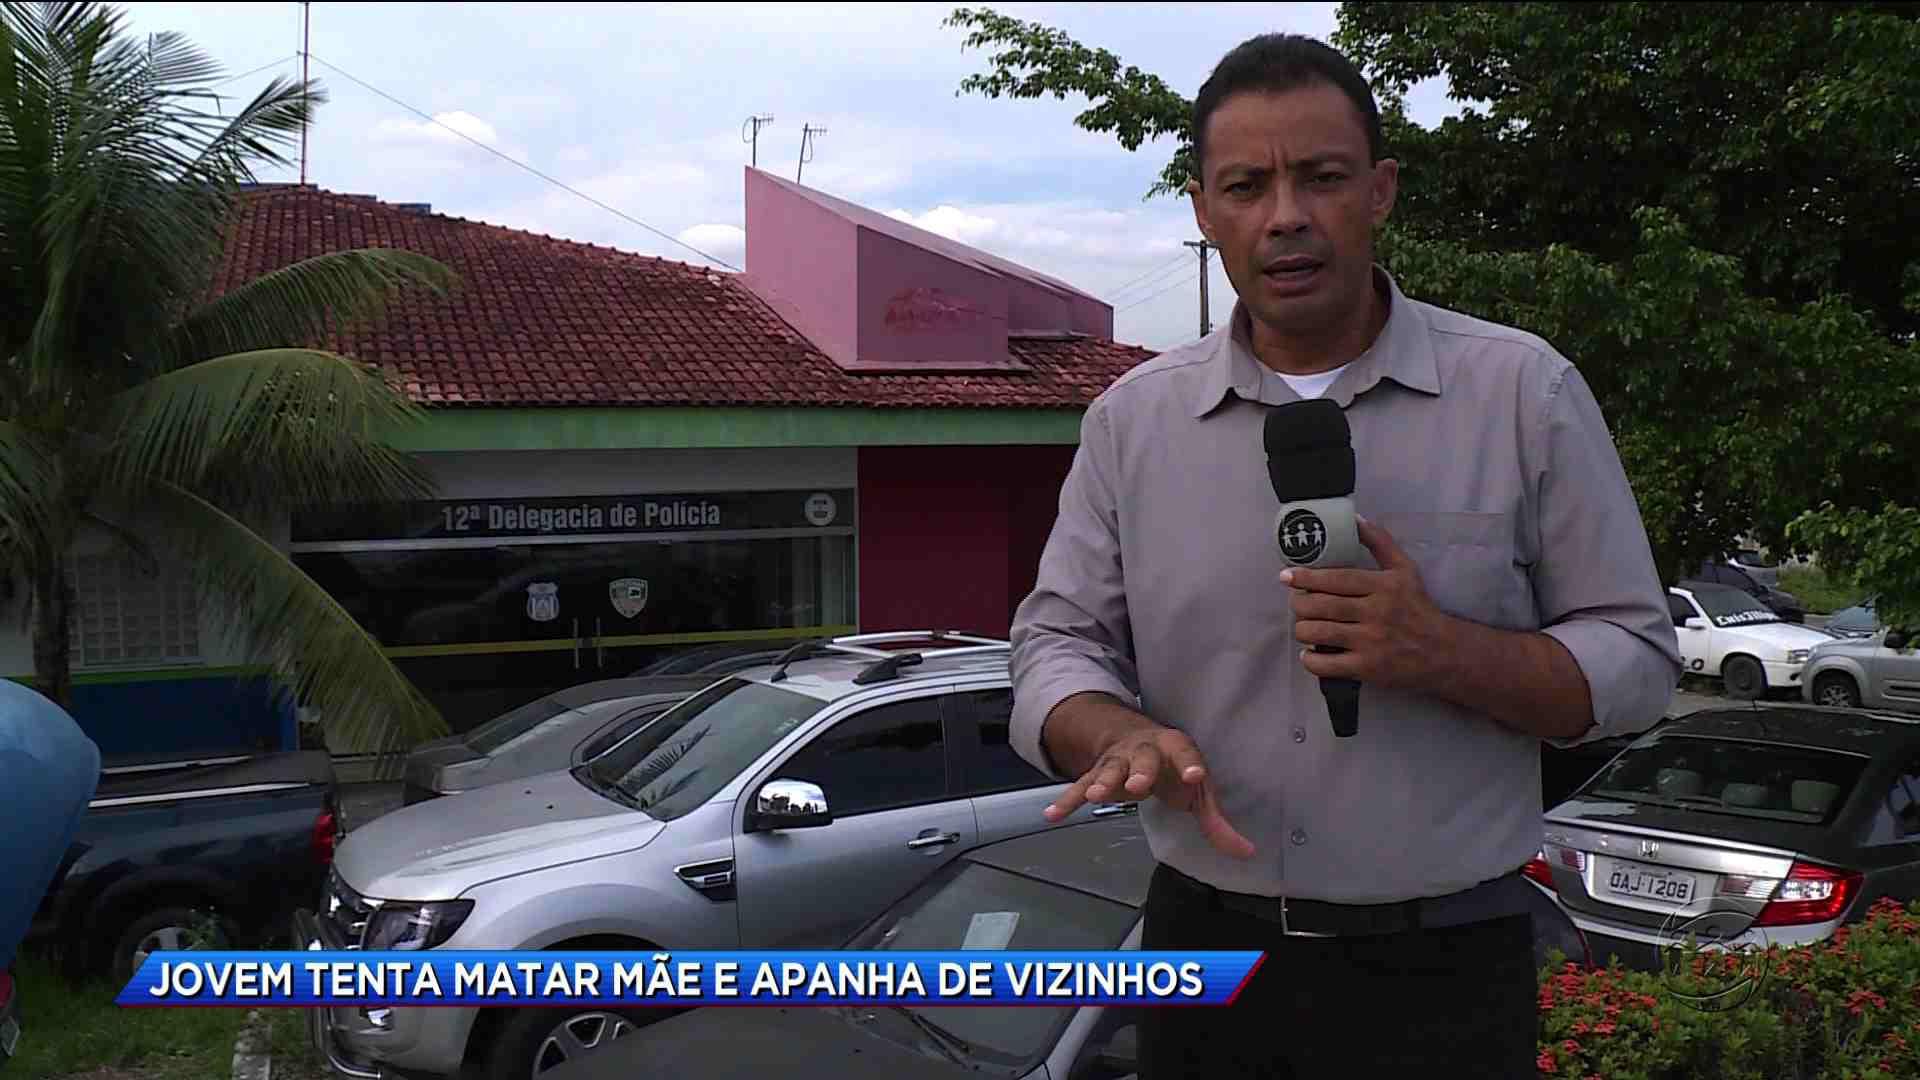 JOVEM TENTA MATAR MÃE E APANHA DE VIZINHOS - Cidade Alerta Manaus 13/10/17